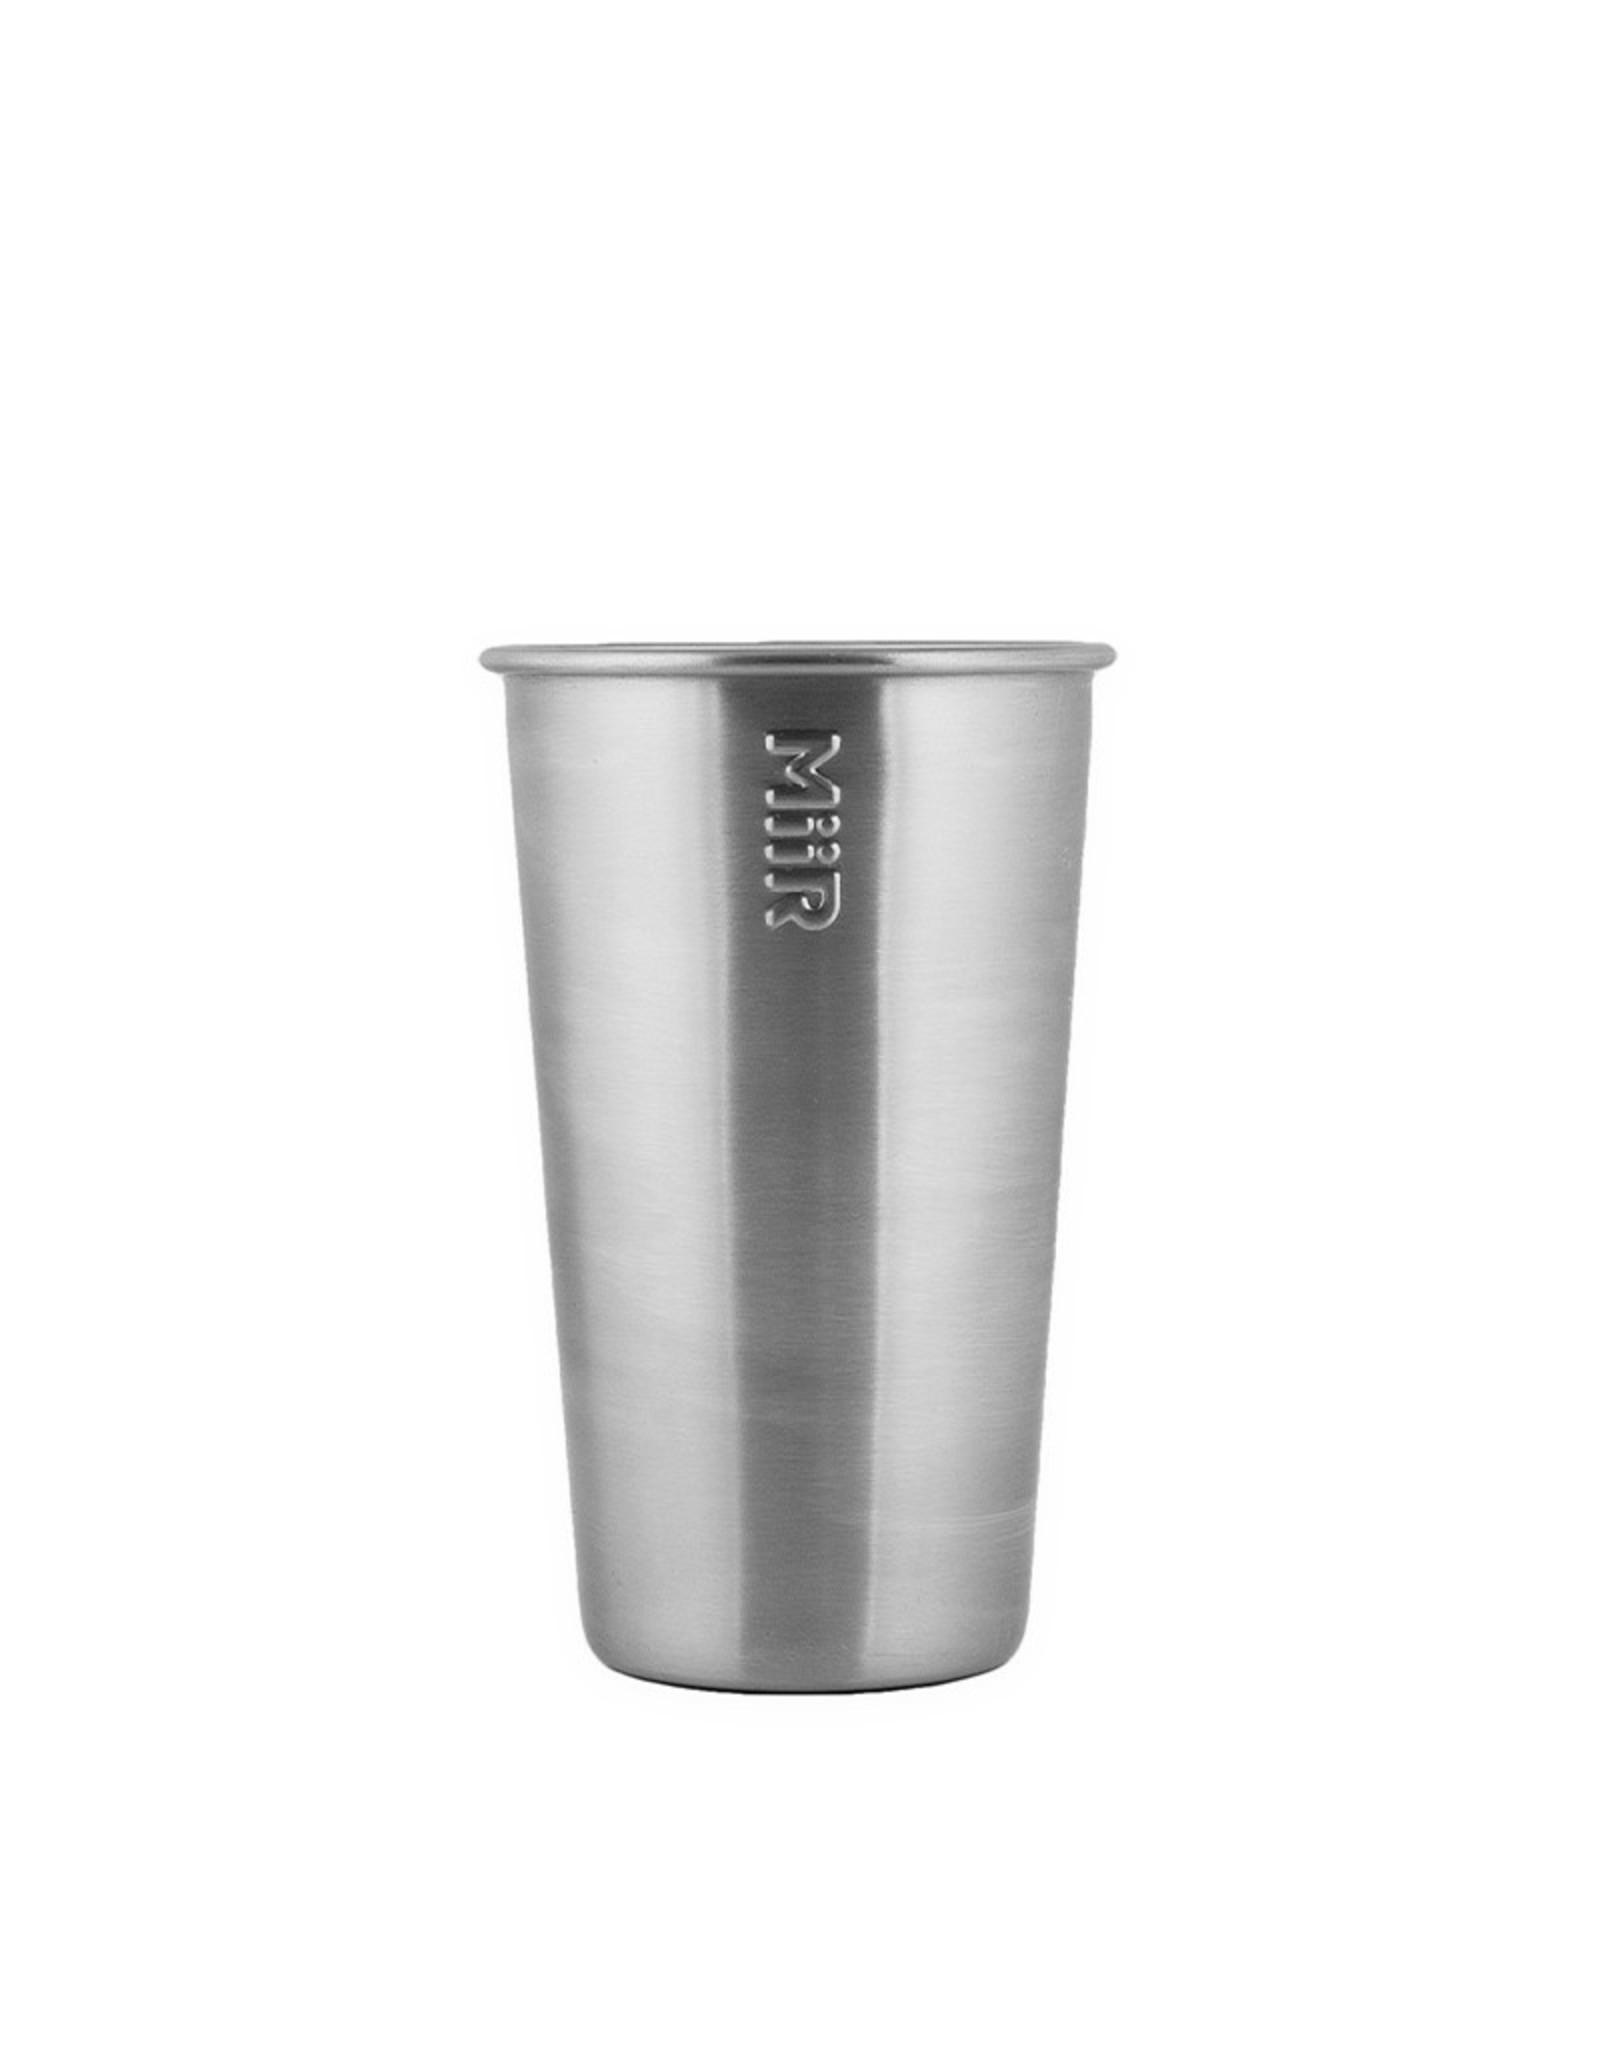 MiiR 470ml Pint Cup